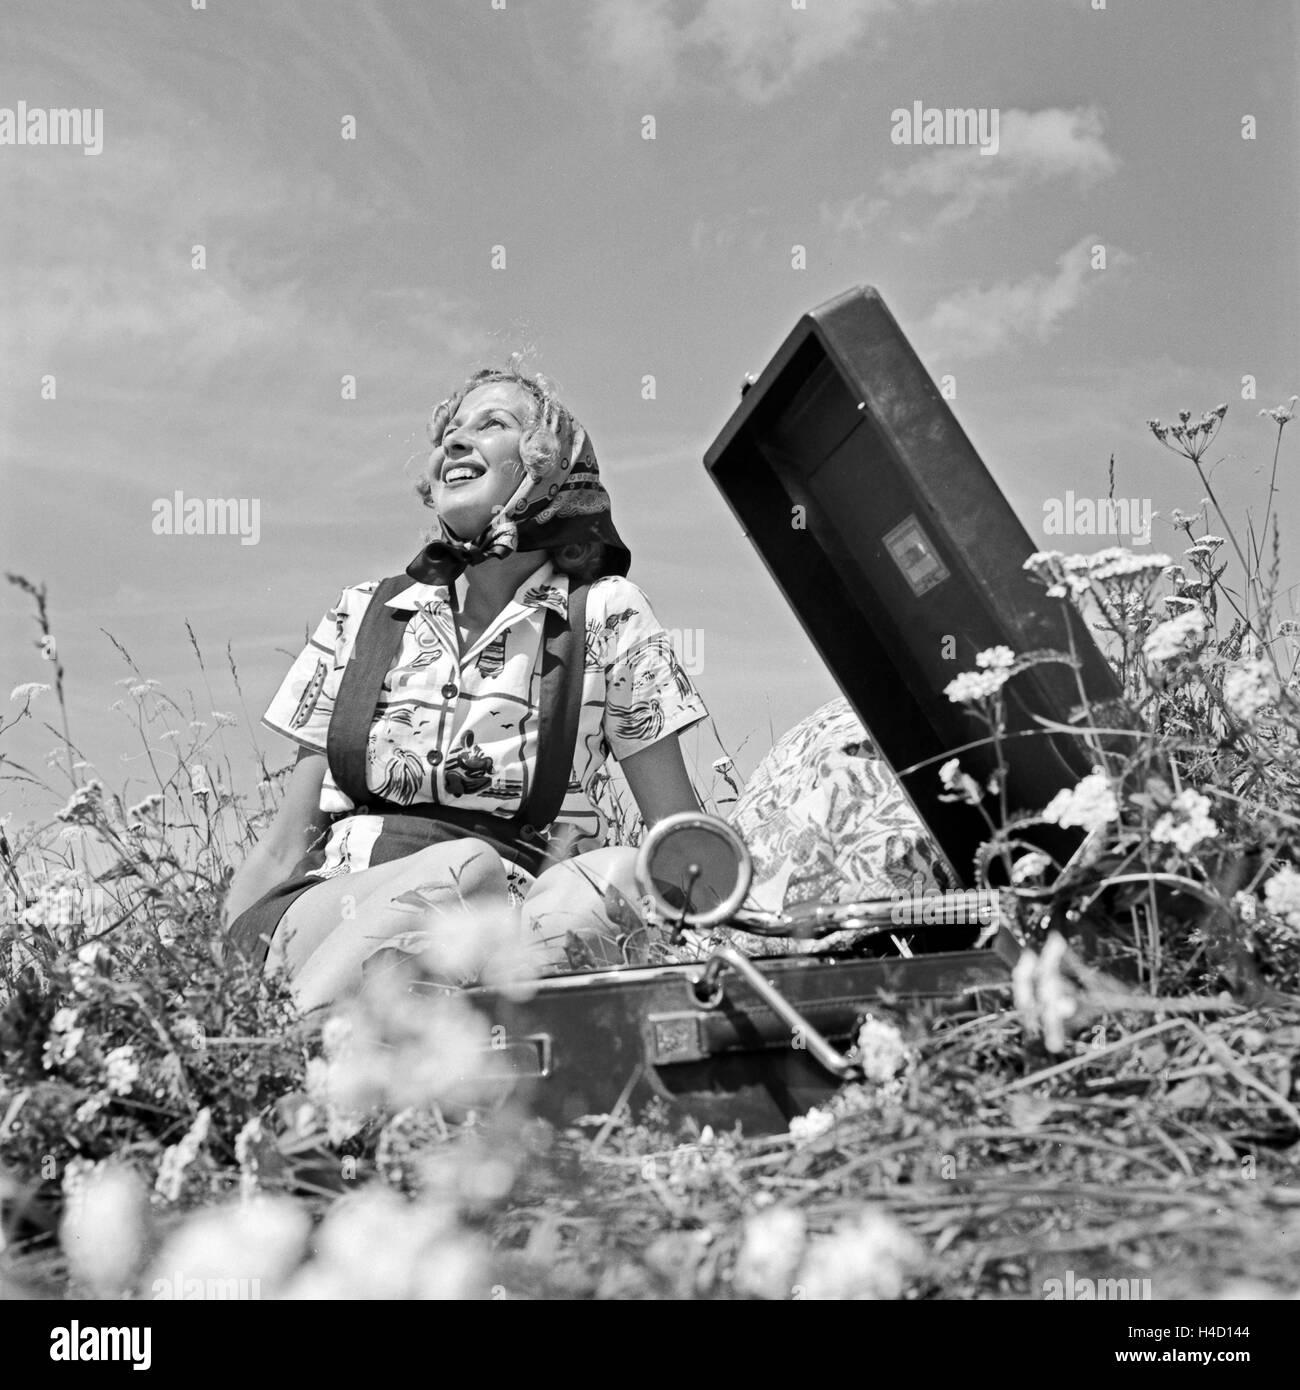 Eine Junge Frau Sitzt Mit Einem Grammophon in Einer Wiese Und Hört Musik, Deutschland, 1930er Jahre. Eine junge Stockbild